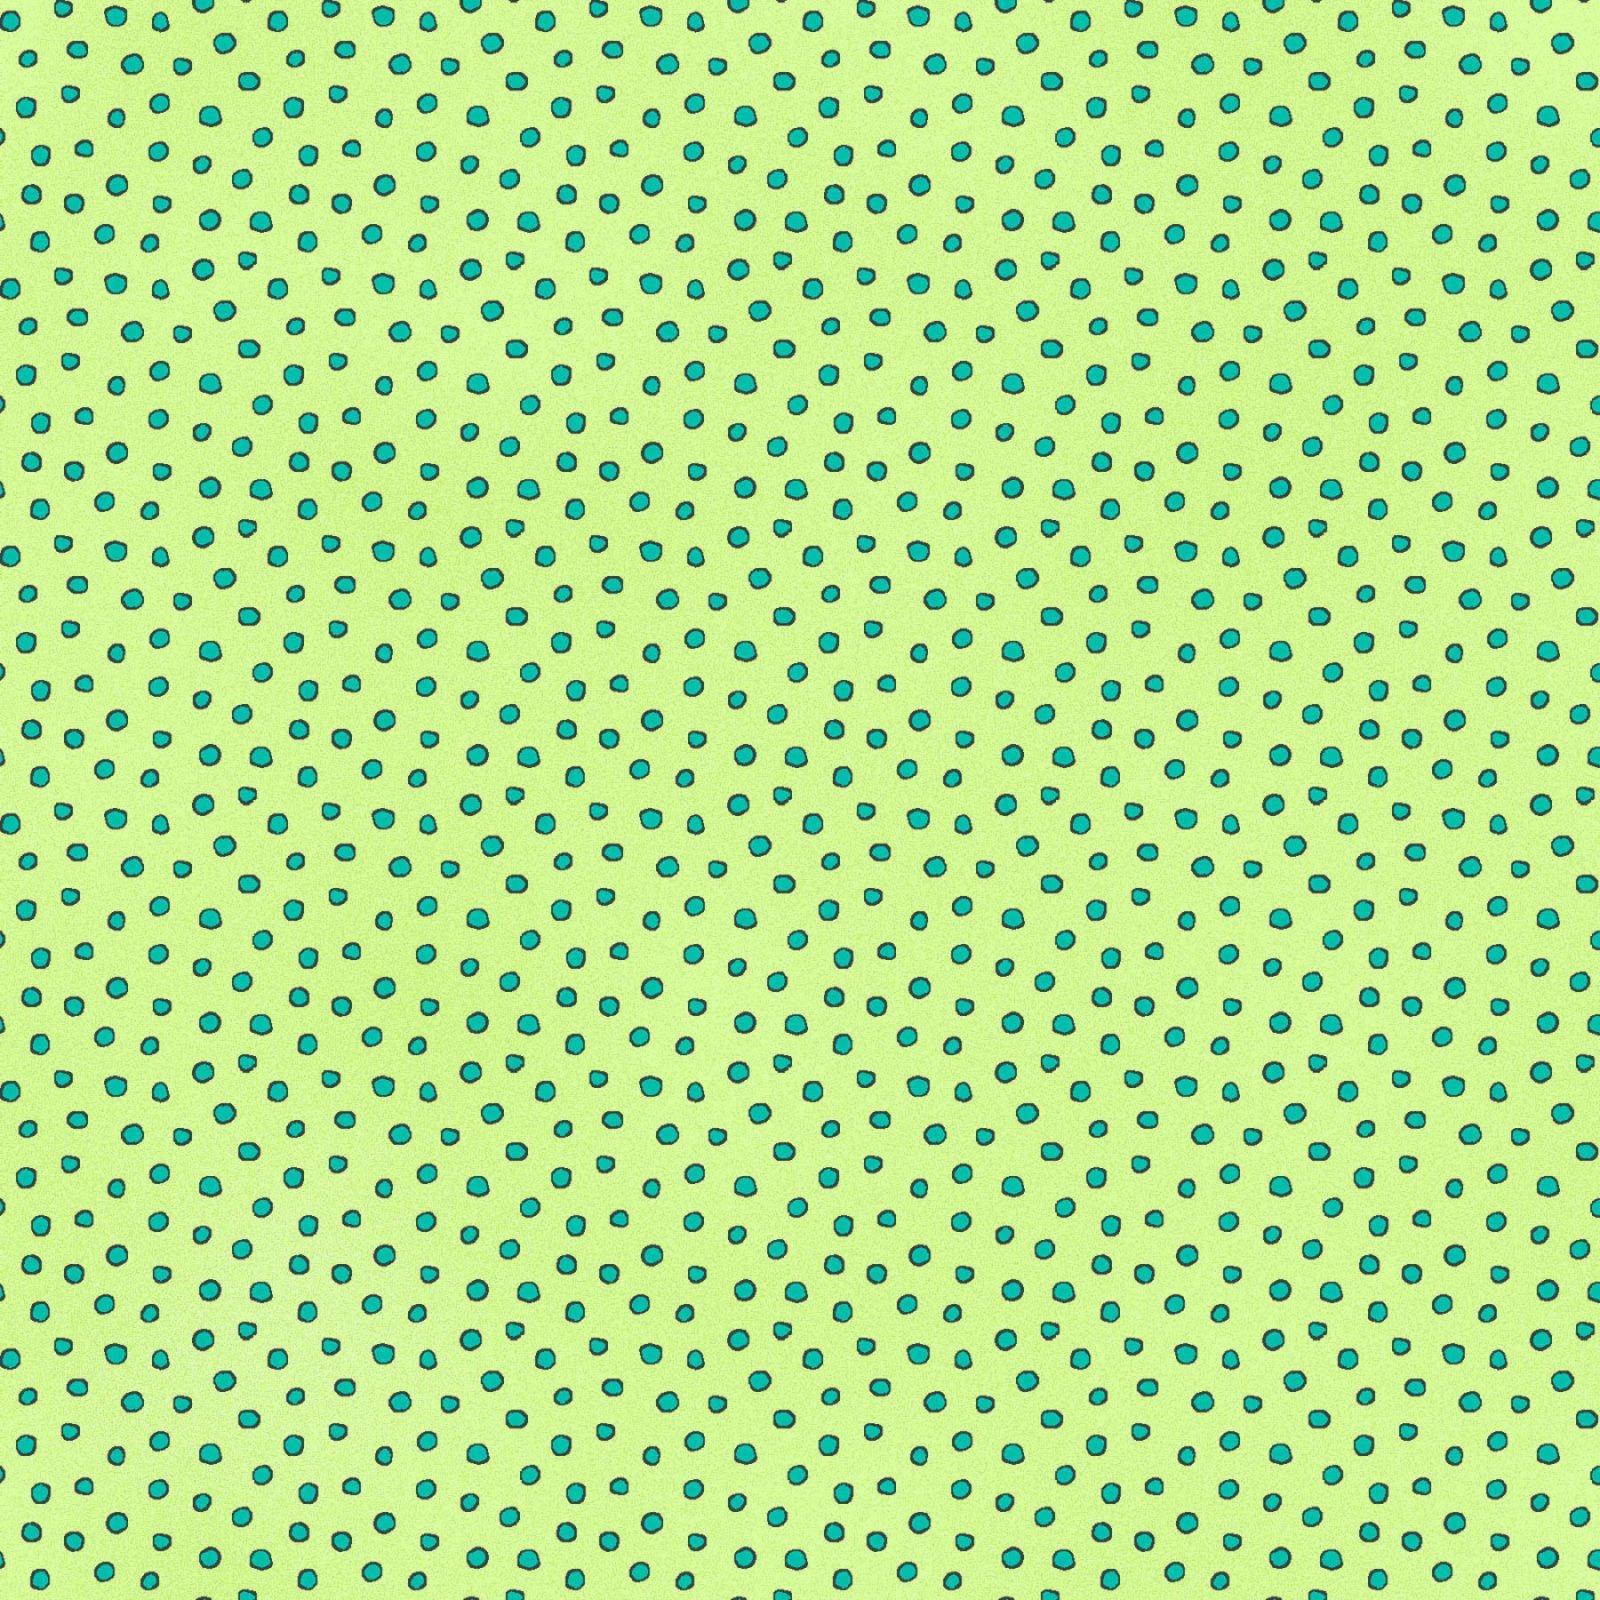 MAS8230-G Green Tiny Dots Roam Sweet Home Maywood Studios